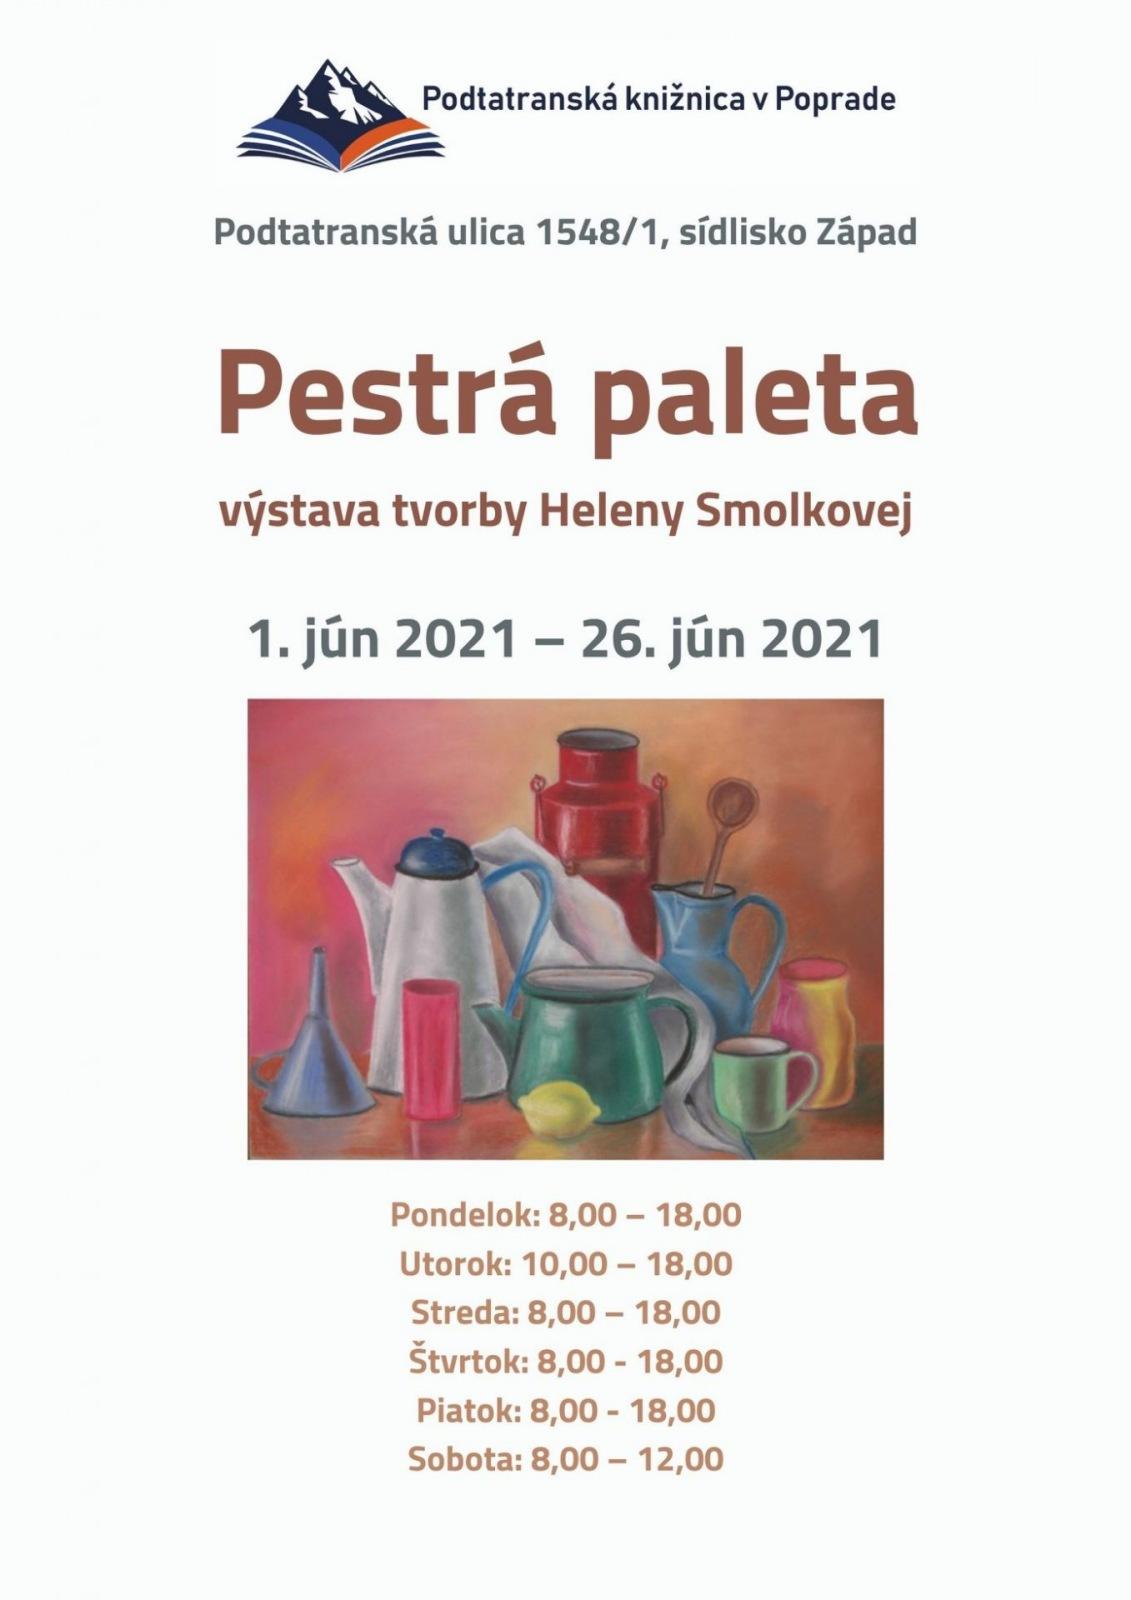 Pestrá paleta & výstava Heleny Smolkovej